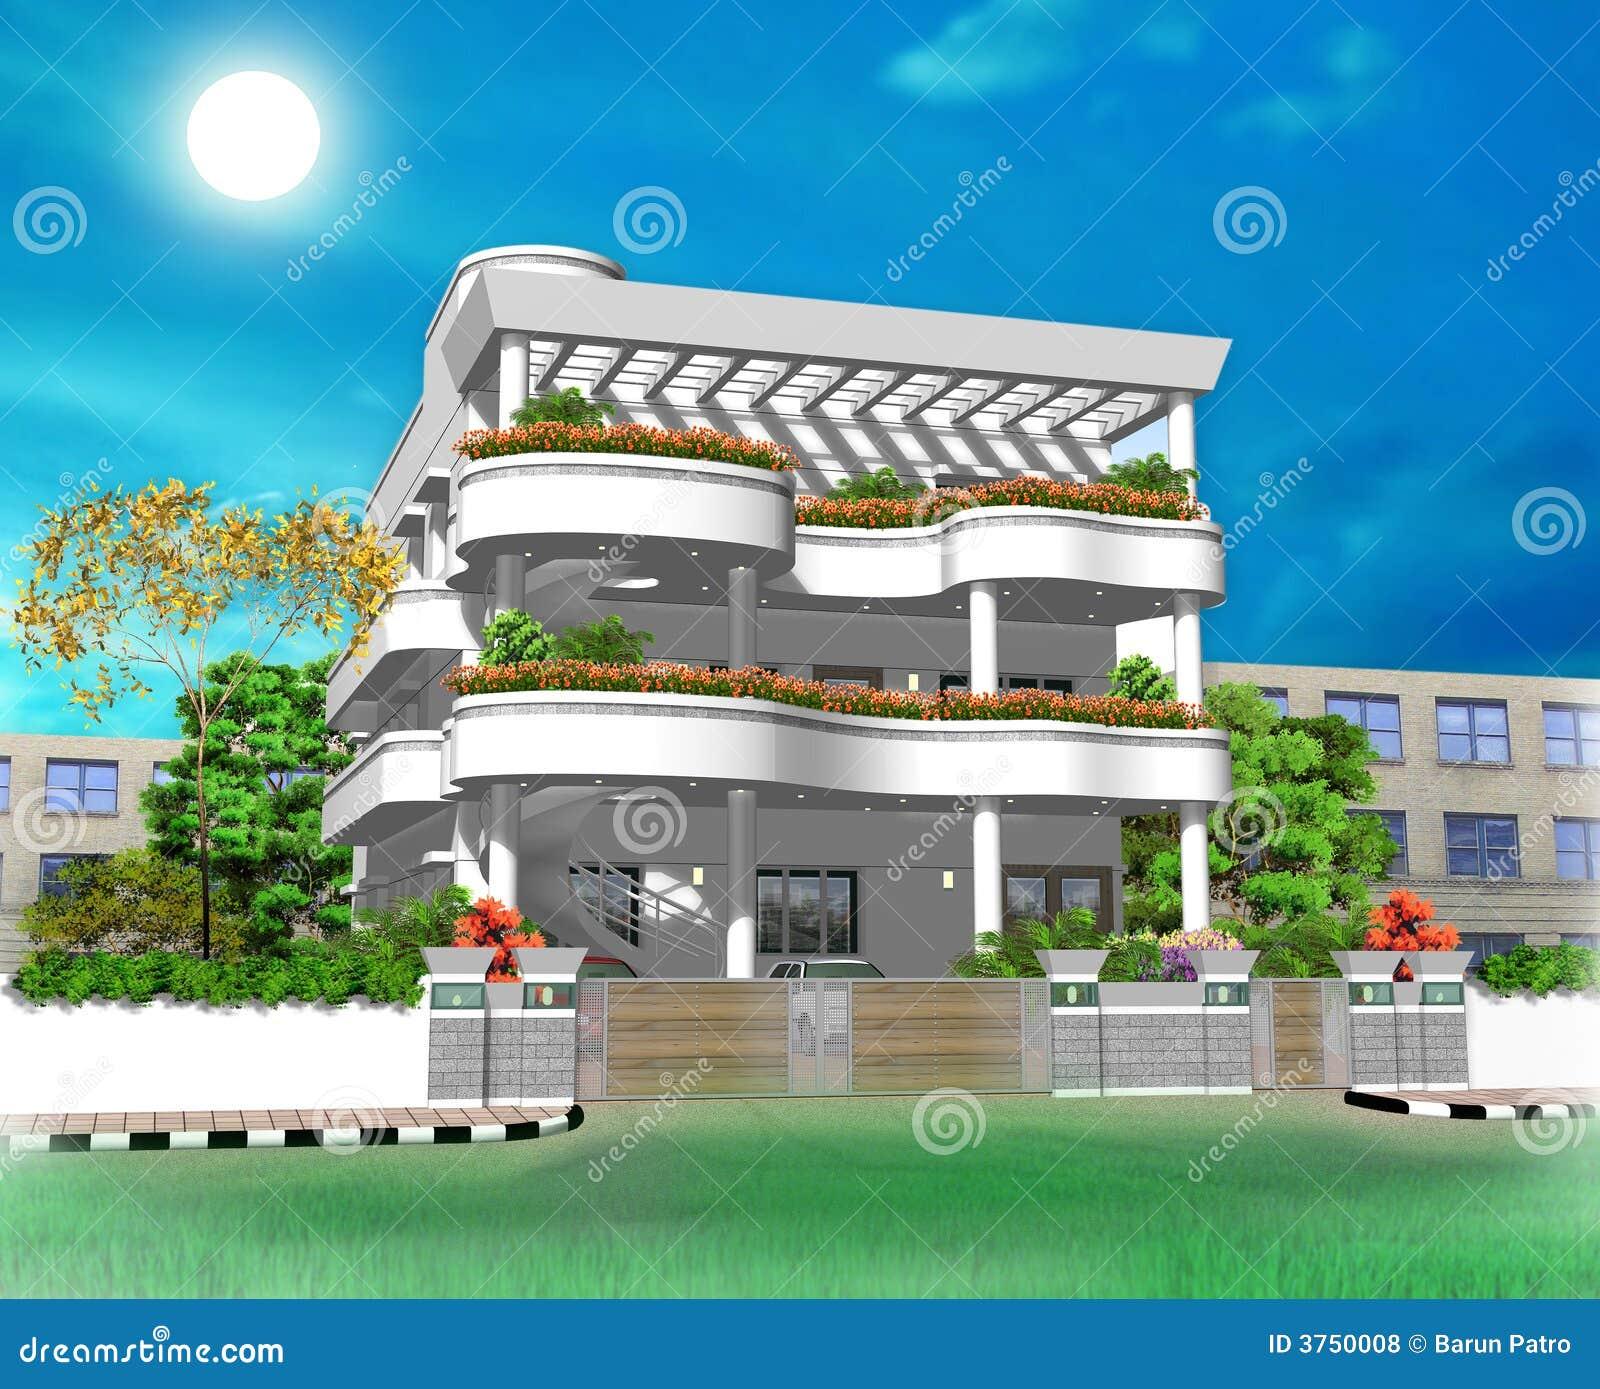 Ilustración De La Casa 3D Fotos De Archivo Libres De